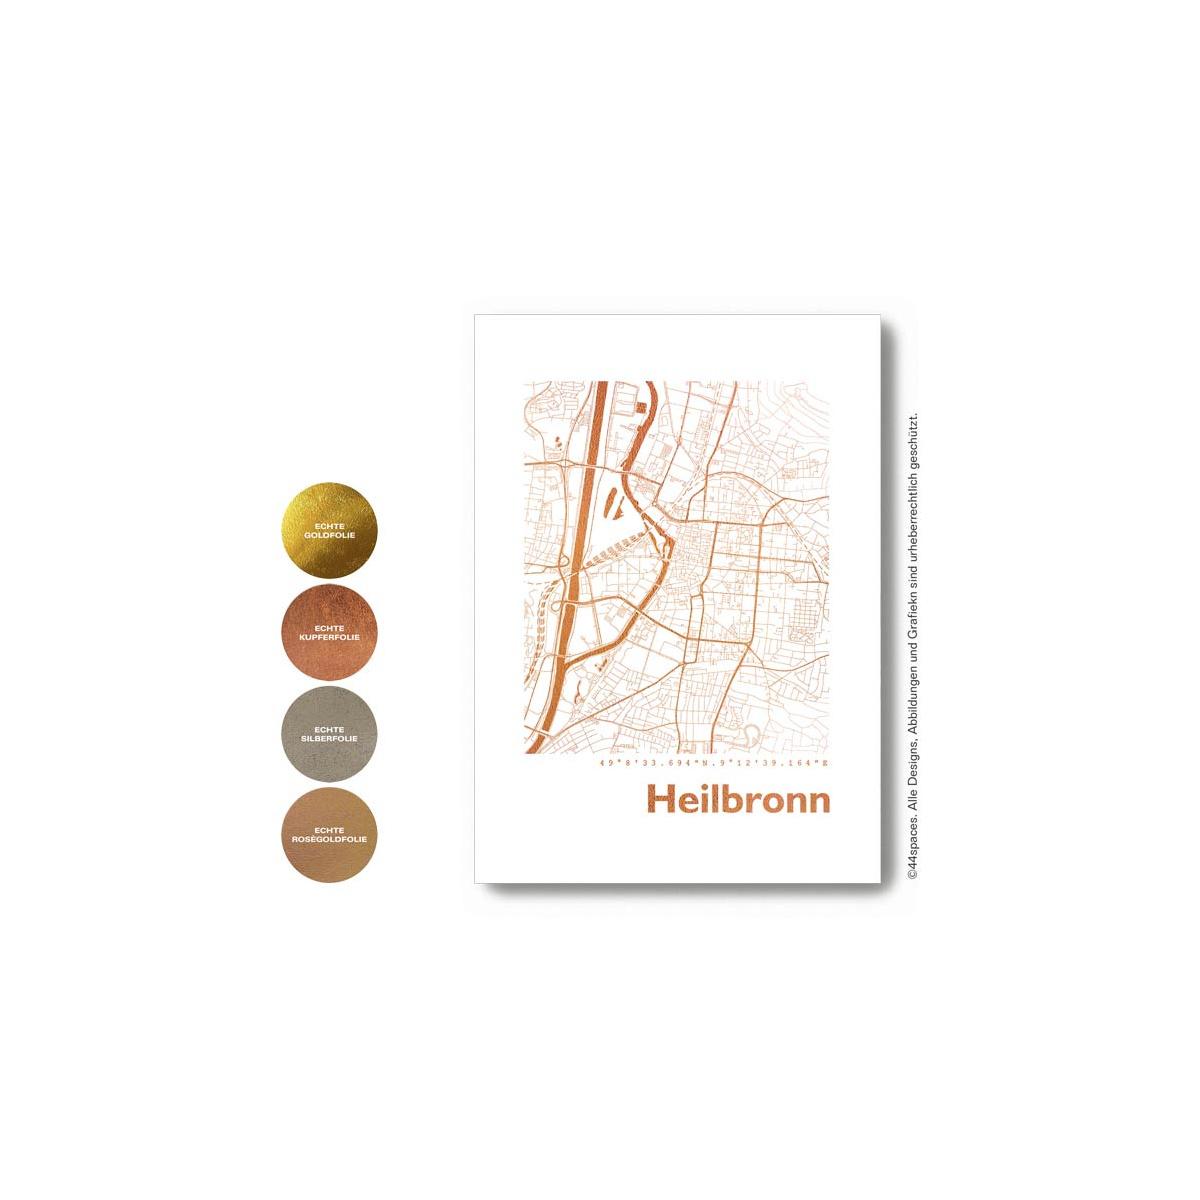 Heilbronn Karte Stadtplan.Heilbronn Stadtplan Eckig